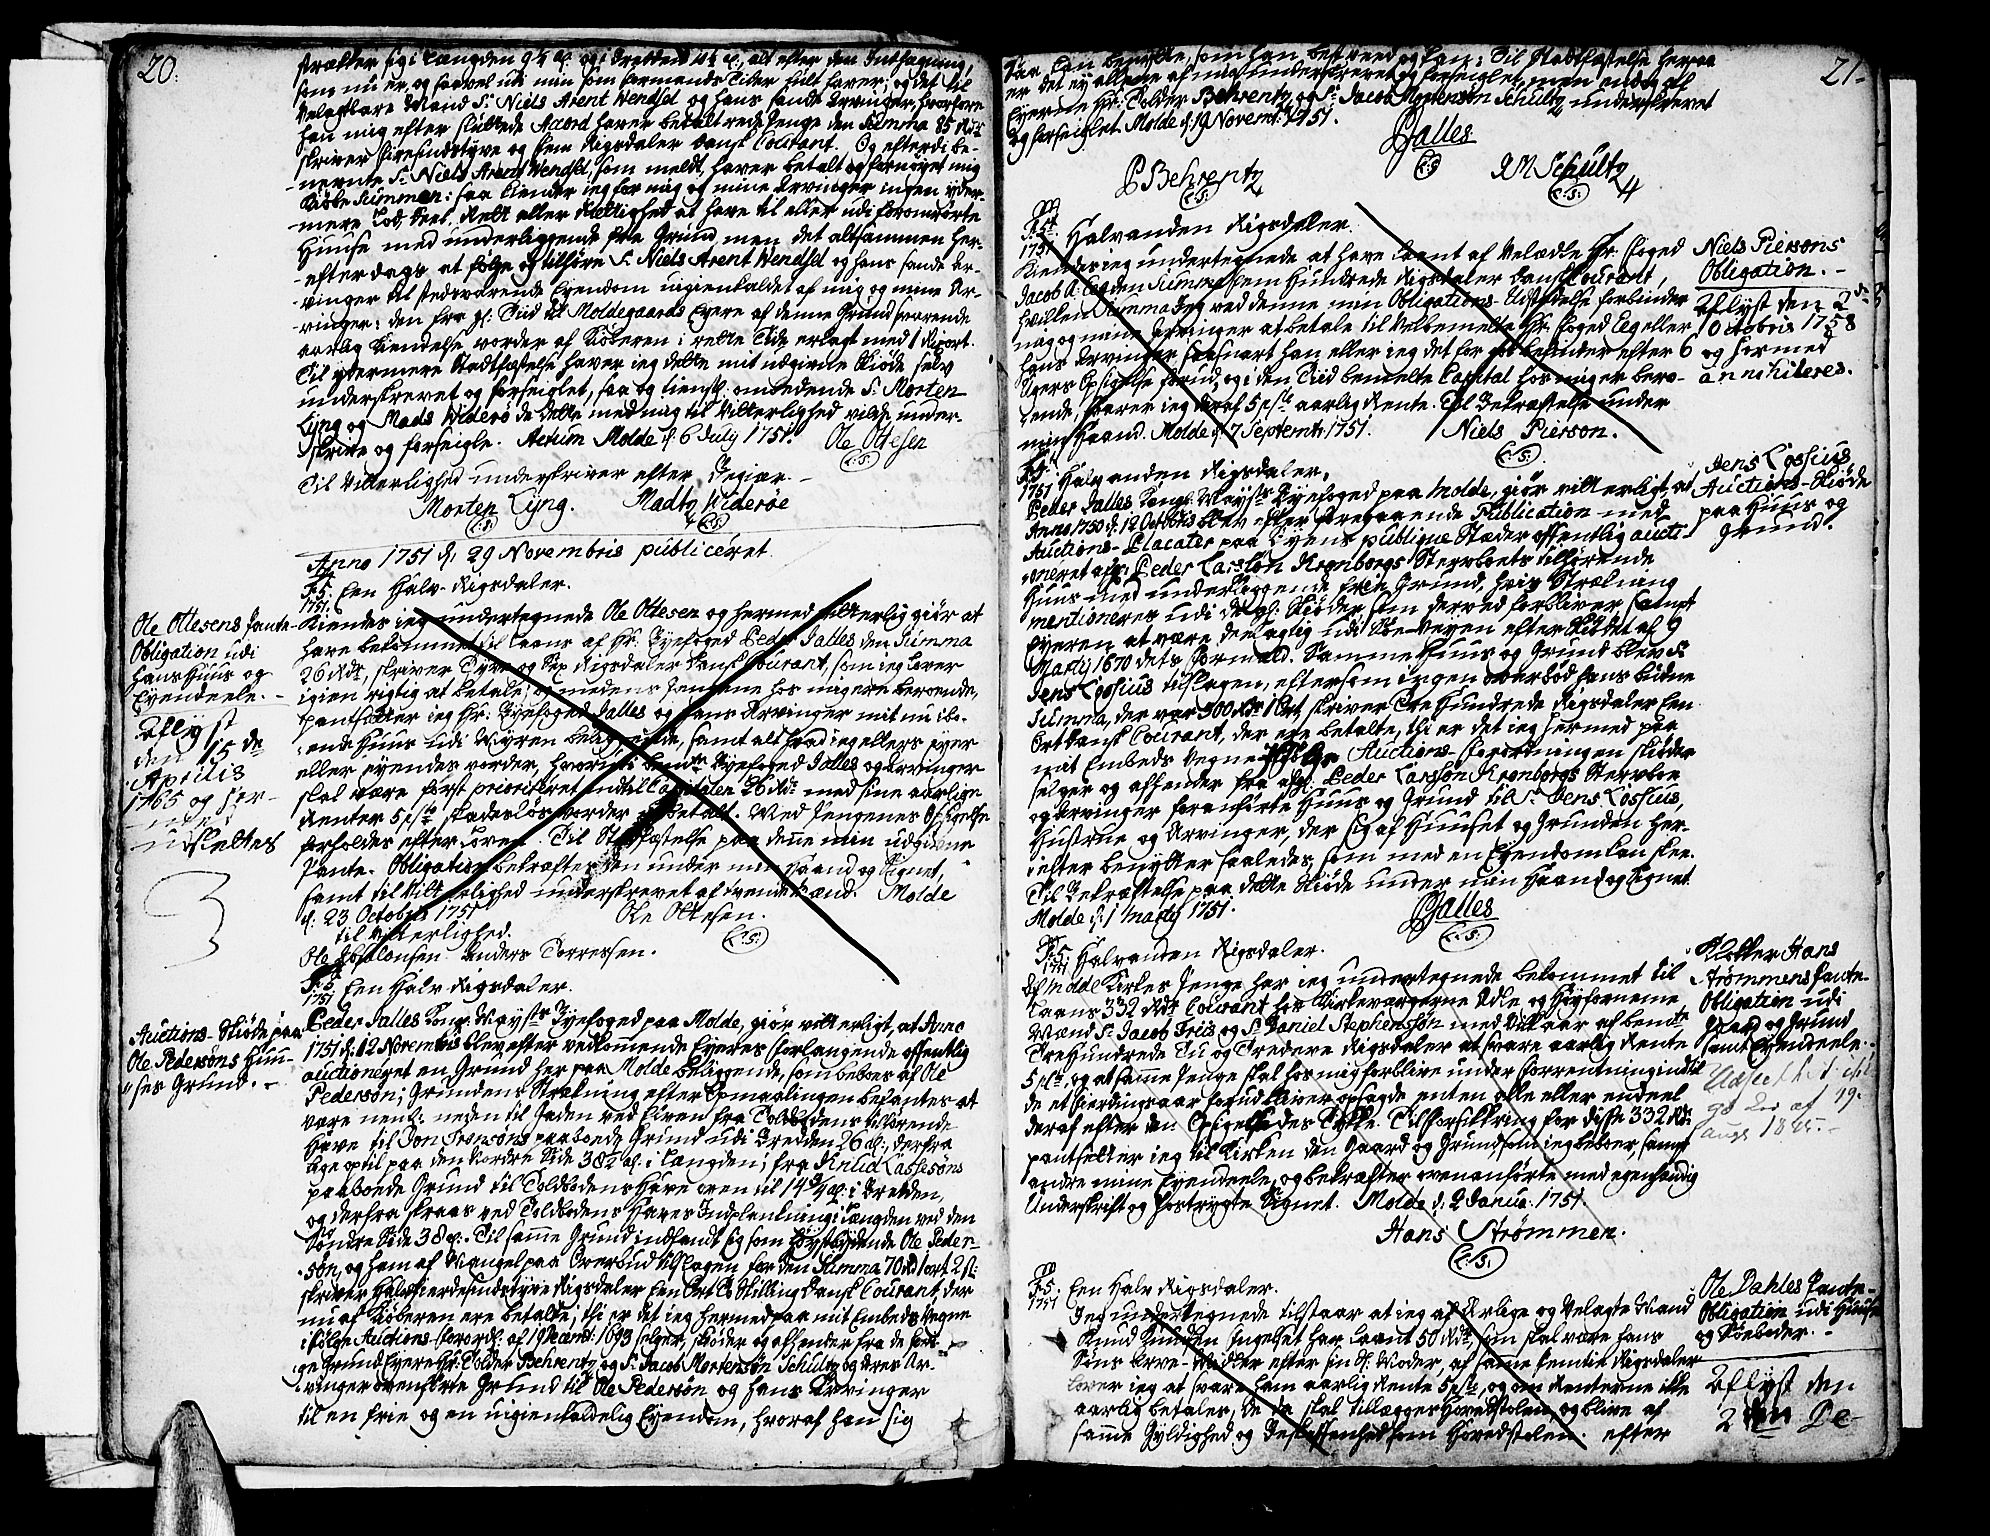 SAT, Molde byfogd, 2/2C/L0001: Pantebok nr. 1, 1748-1823, s. 20-21